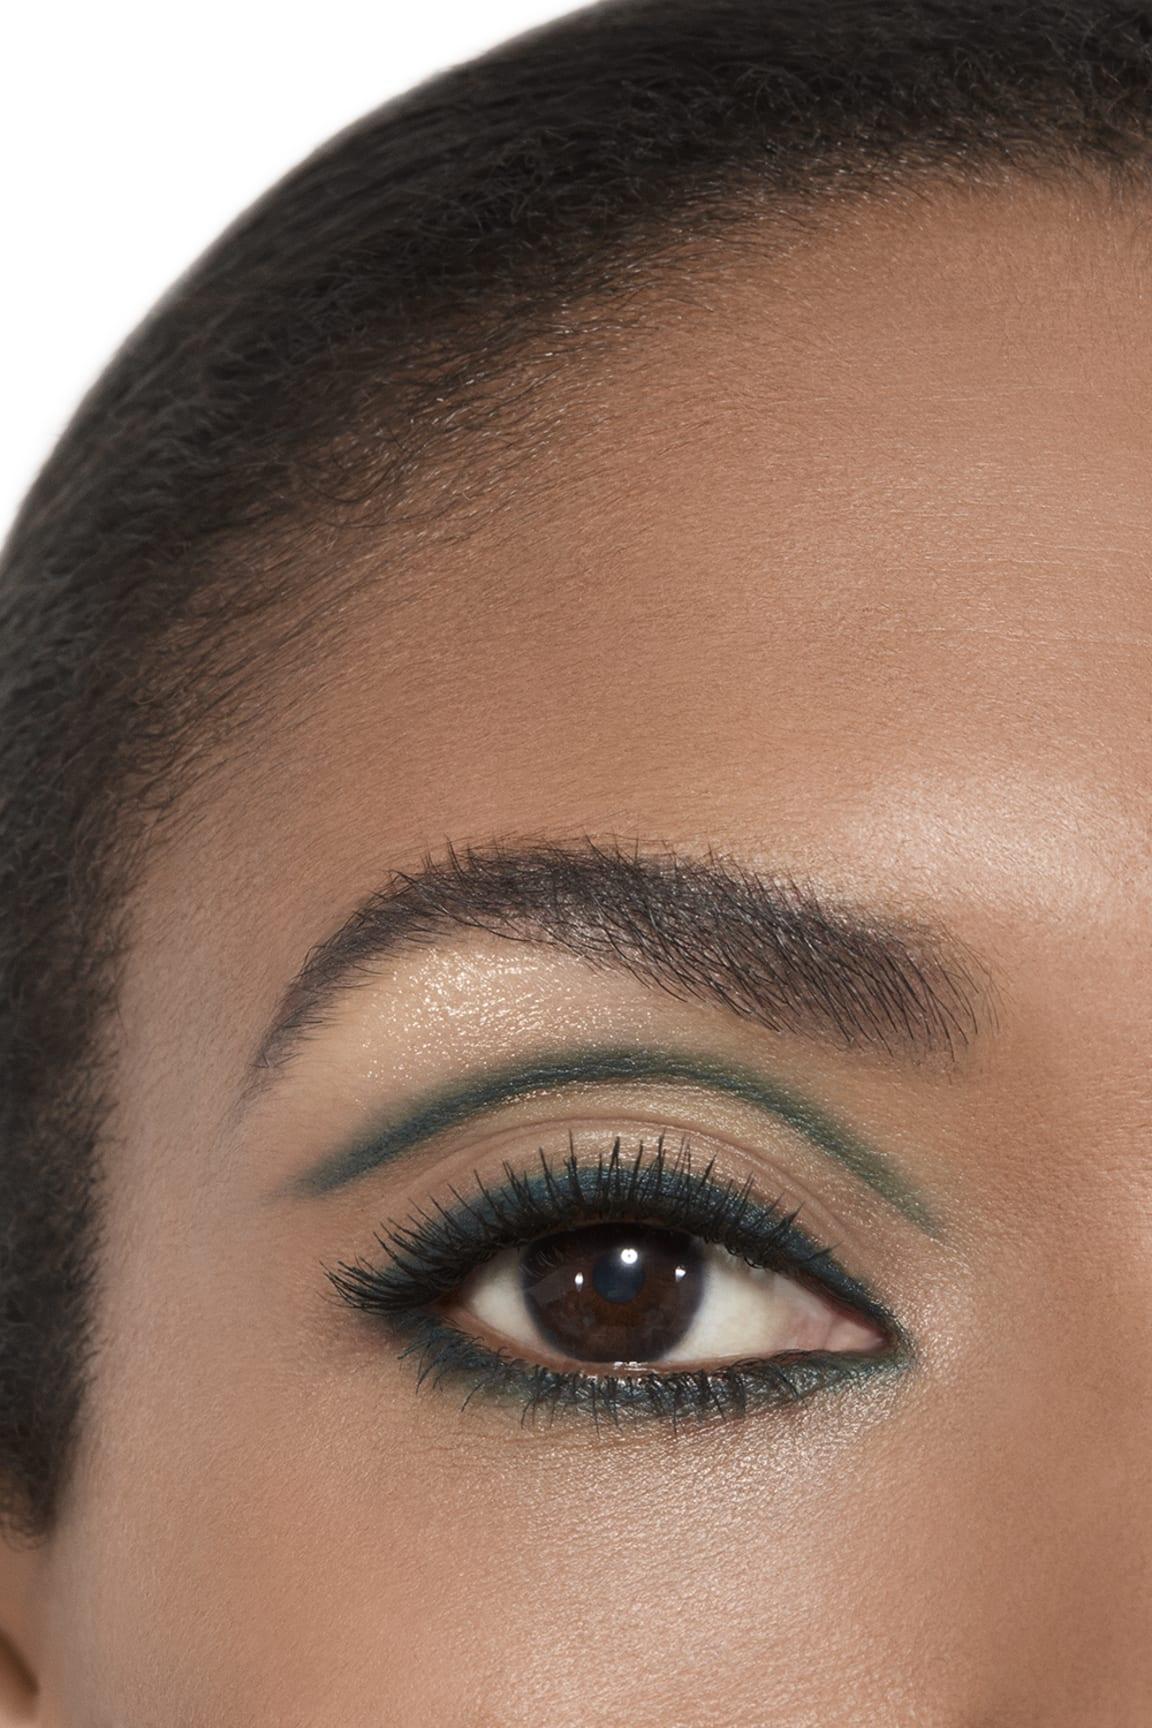 Imagen aplicación de maquillaje 2 - STYLO OMBRE ET CONTOUR 02 - BLEU NUIT